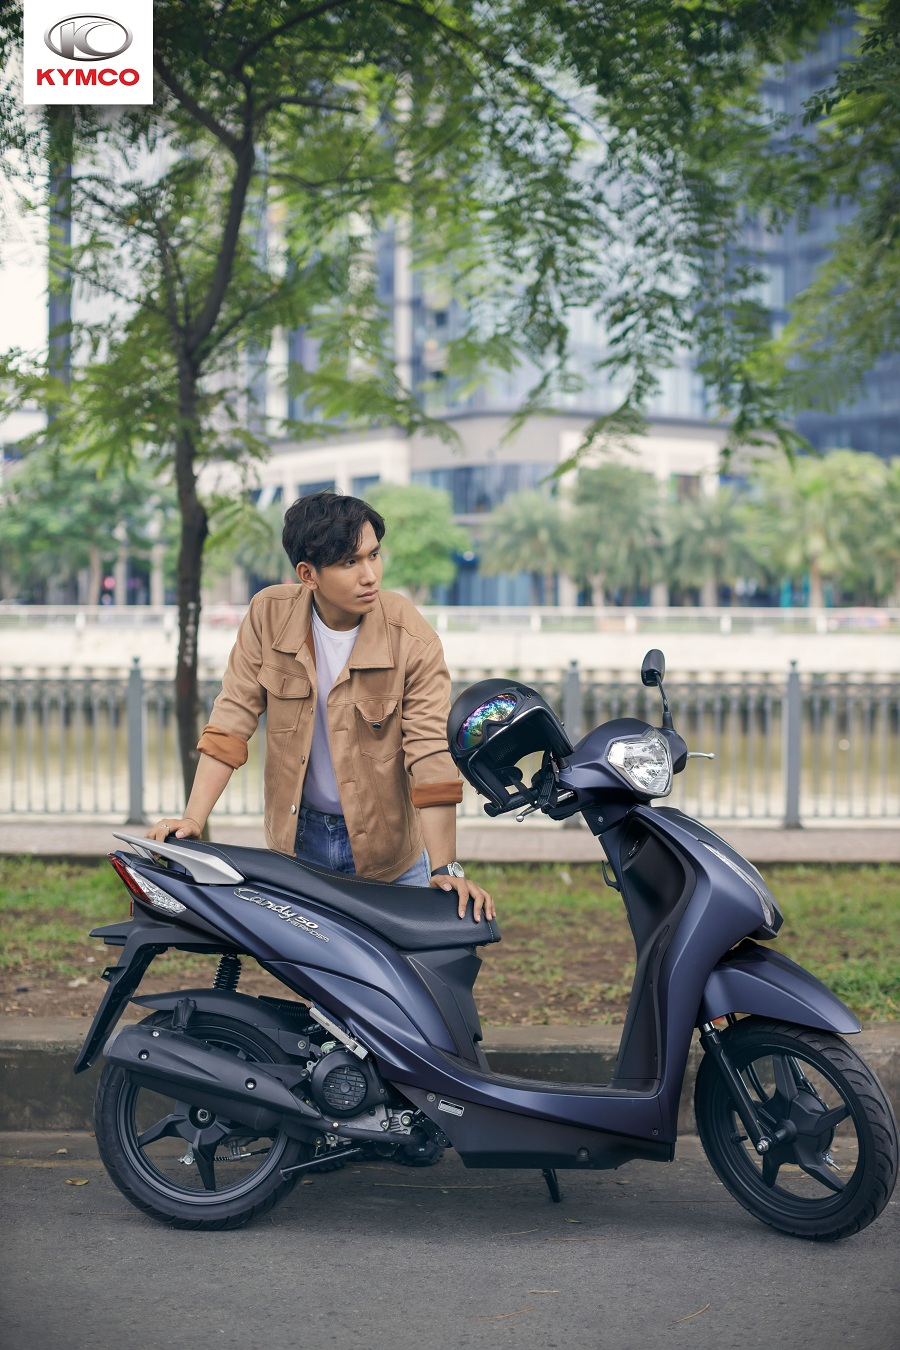 Xe ga 50cc Kymco phù hợp với những người có chiều cao khiêm tốn